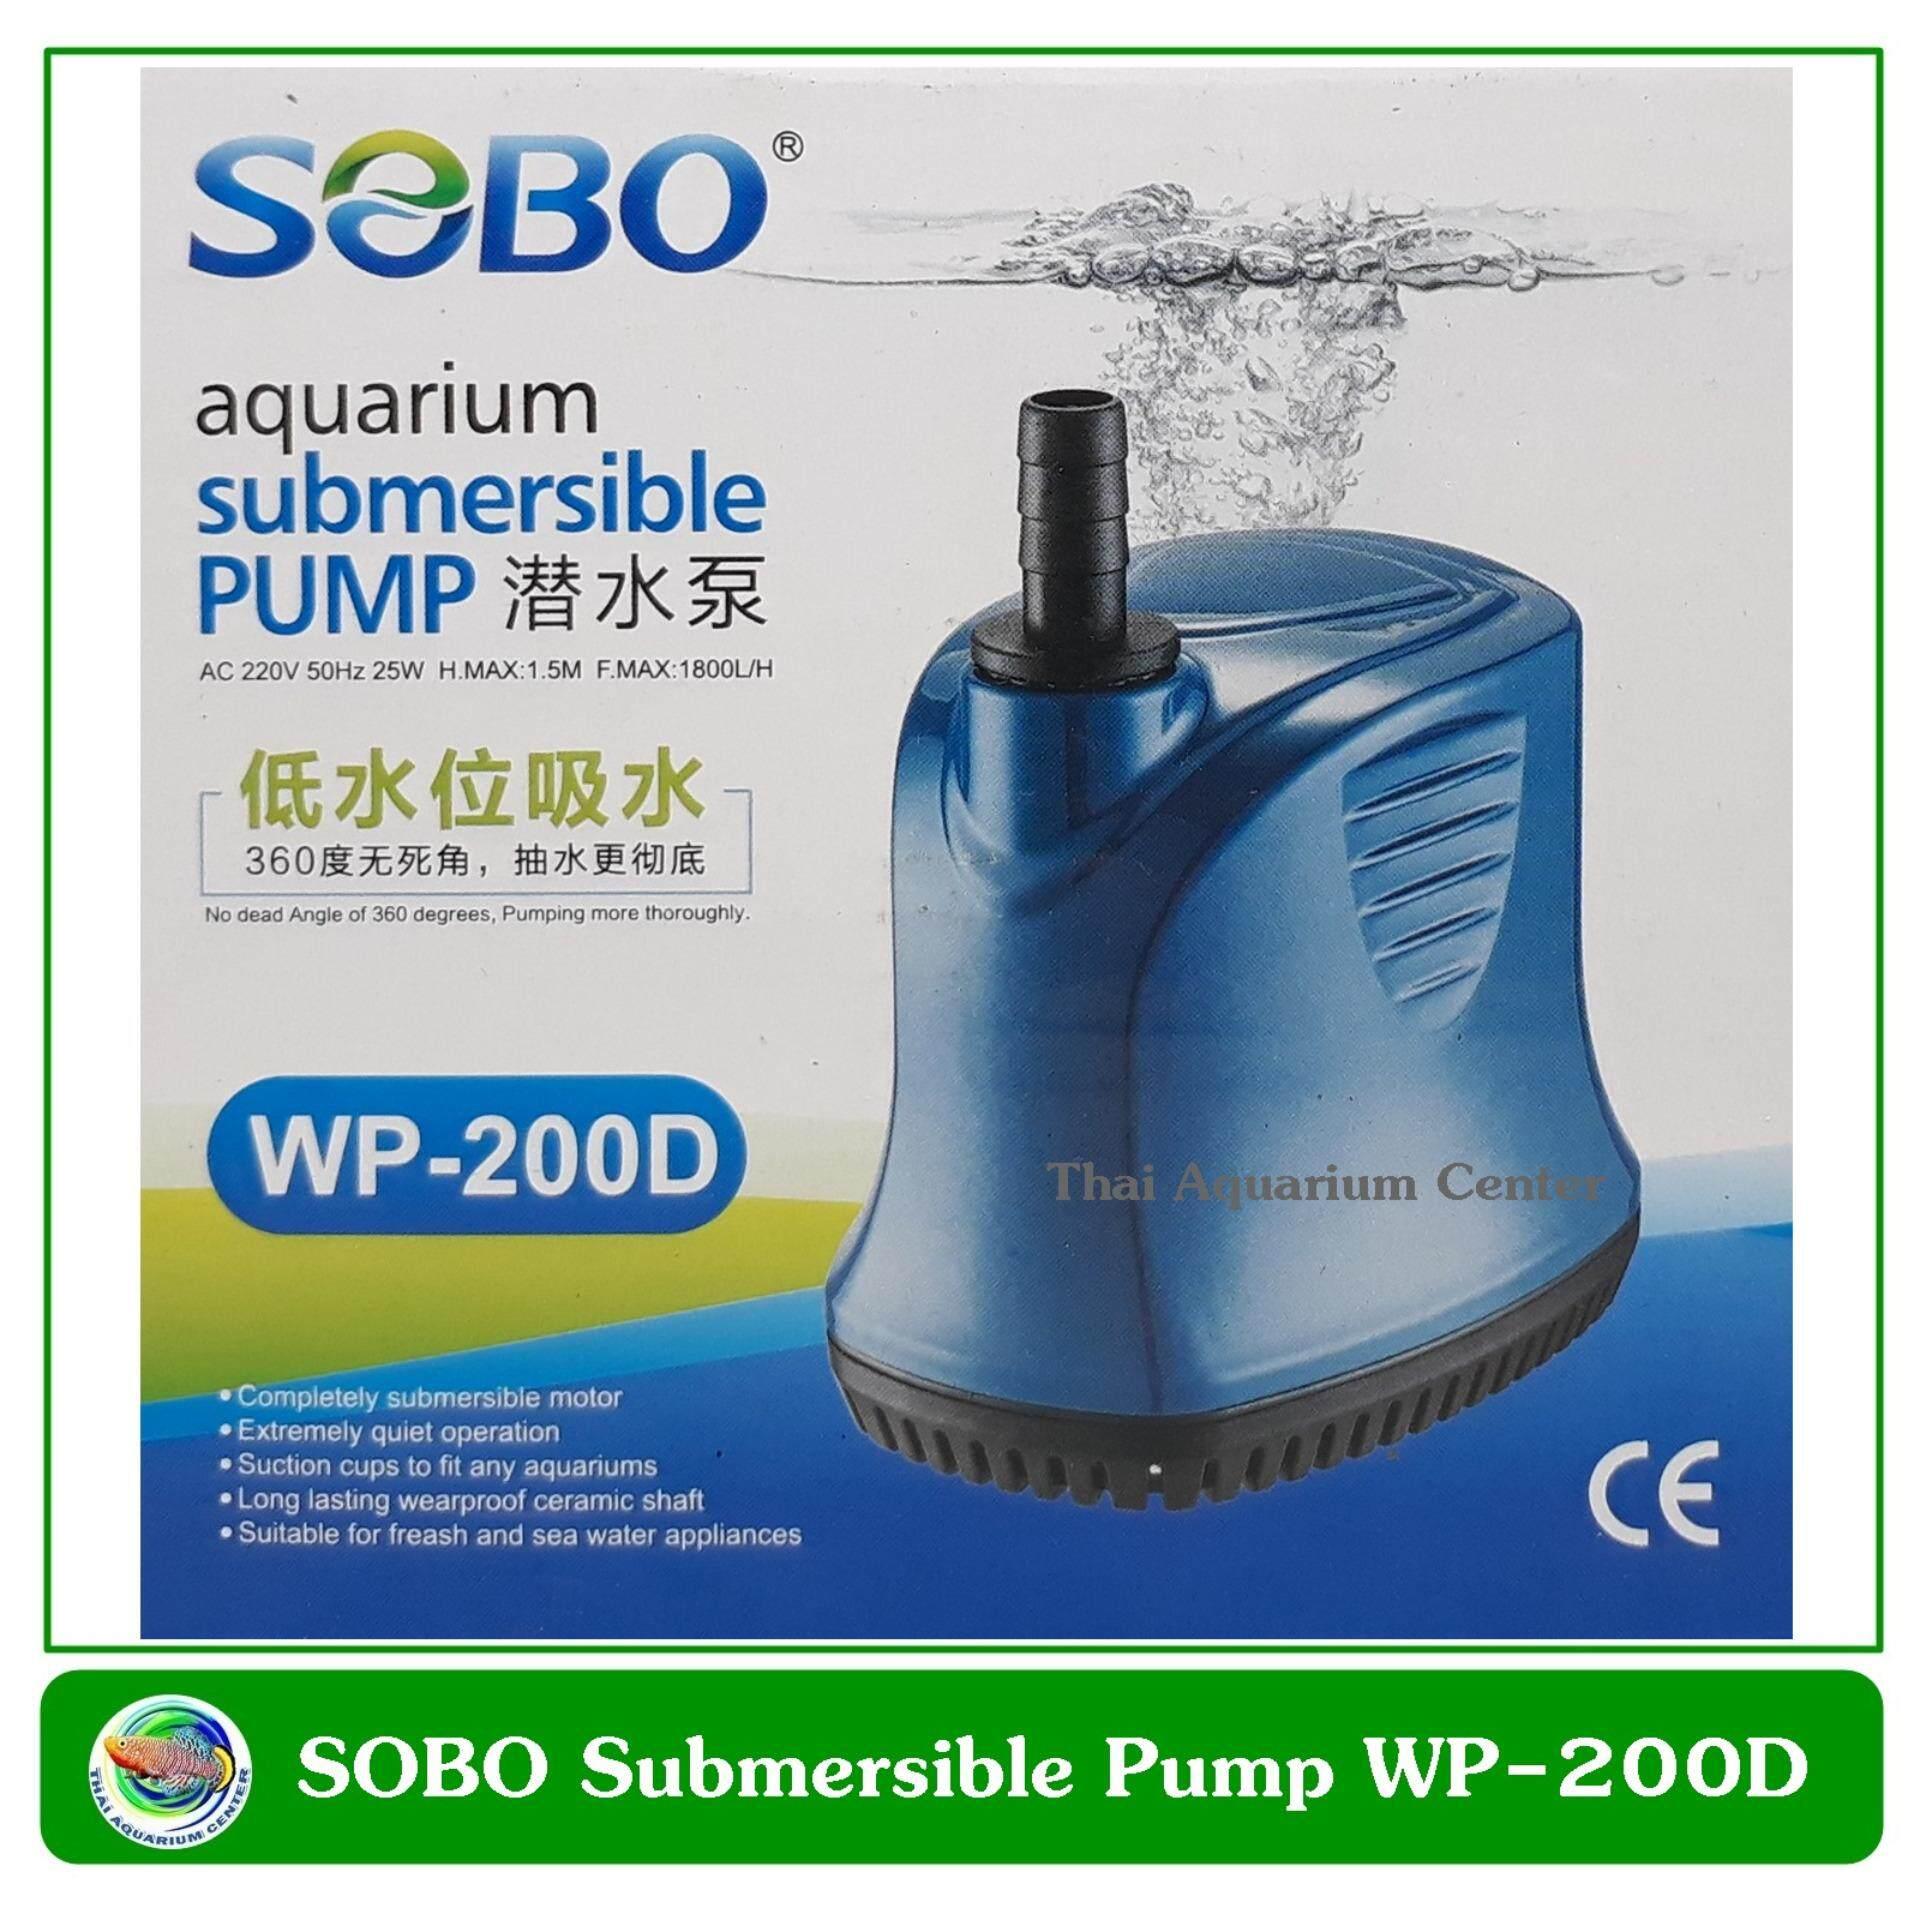 ขาย Sobo Wp 200D ปั๊มน้ำ ปั๊มแช่ กรุงเทพมหานคร ถูก